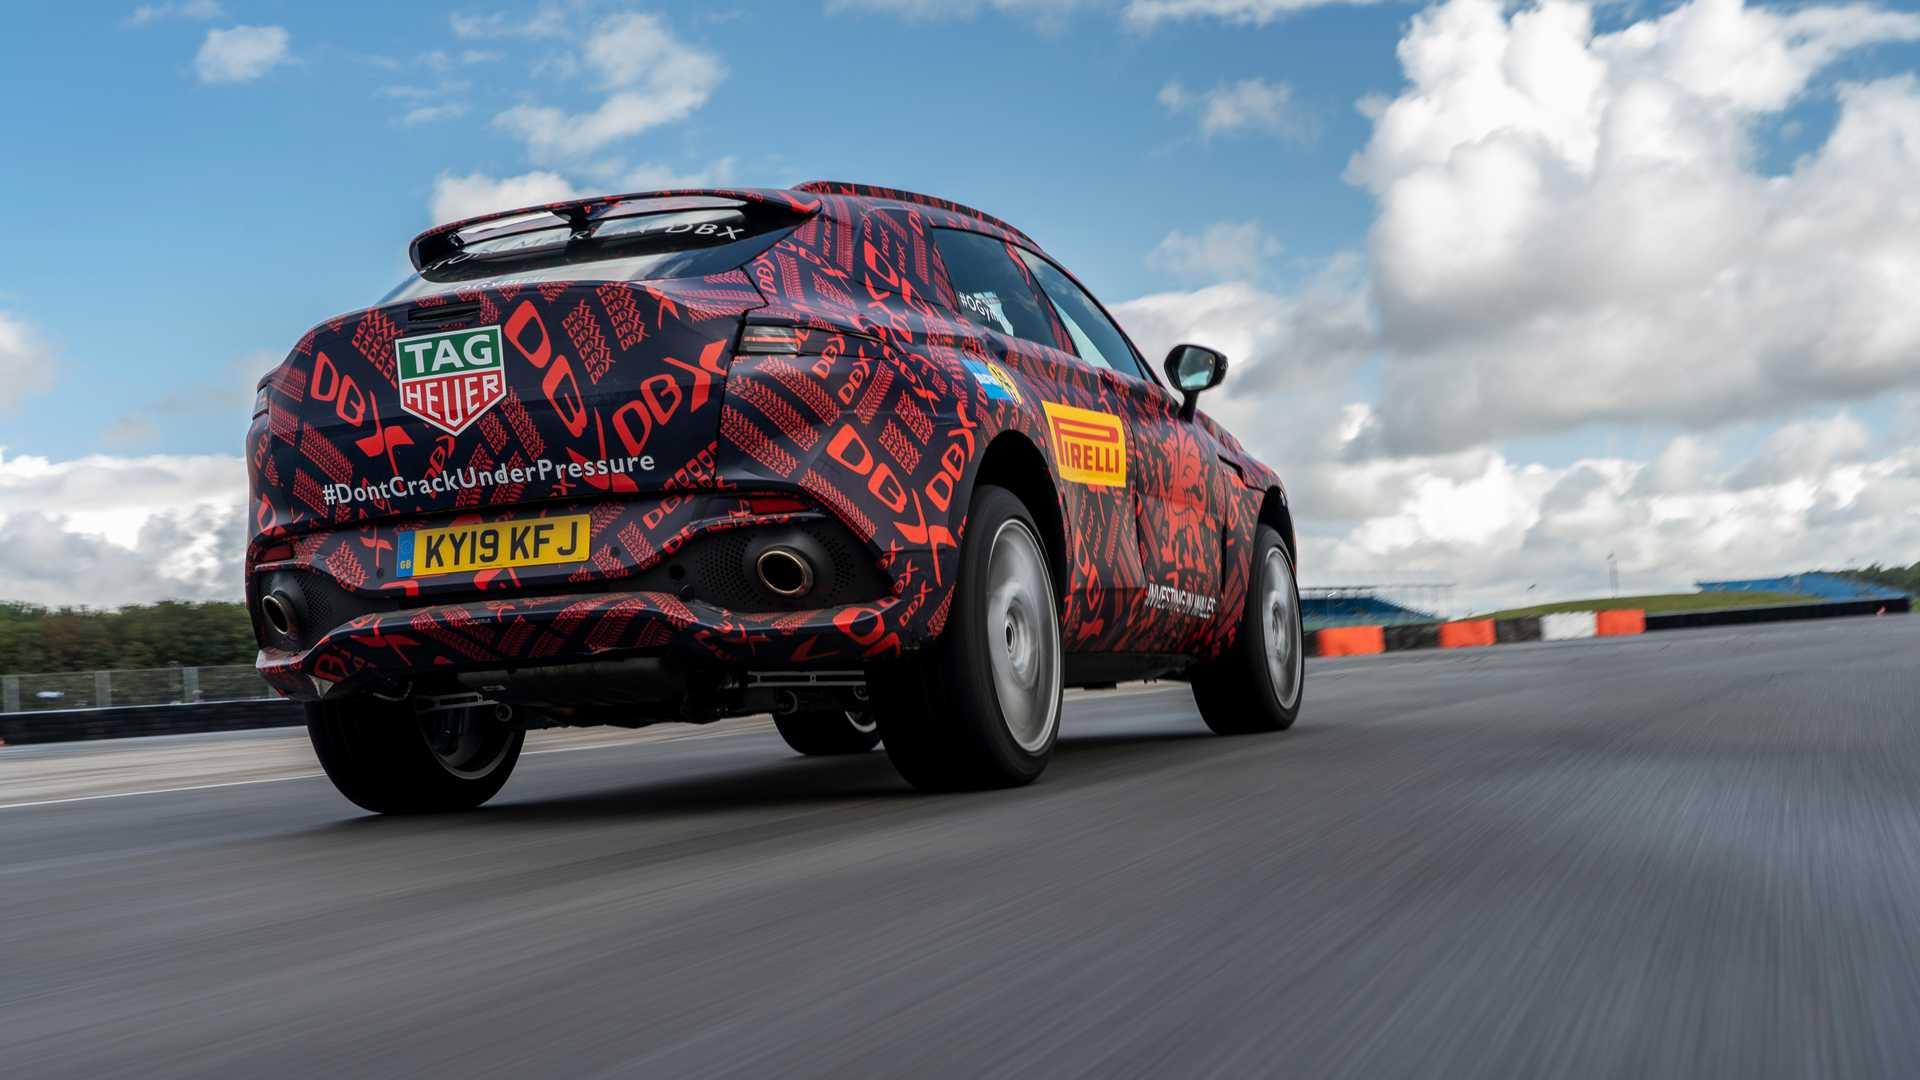 خودروی Aston Martin DBX، اتومبیل ۵۵۰ اسببخار استون مارتین +تصاویر